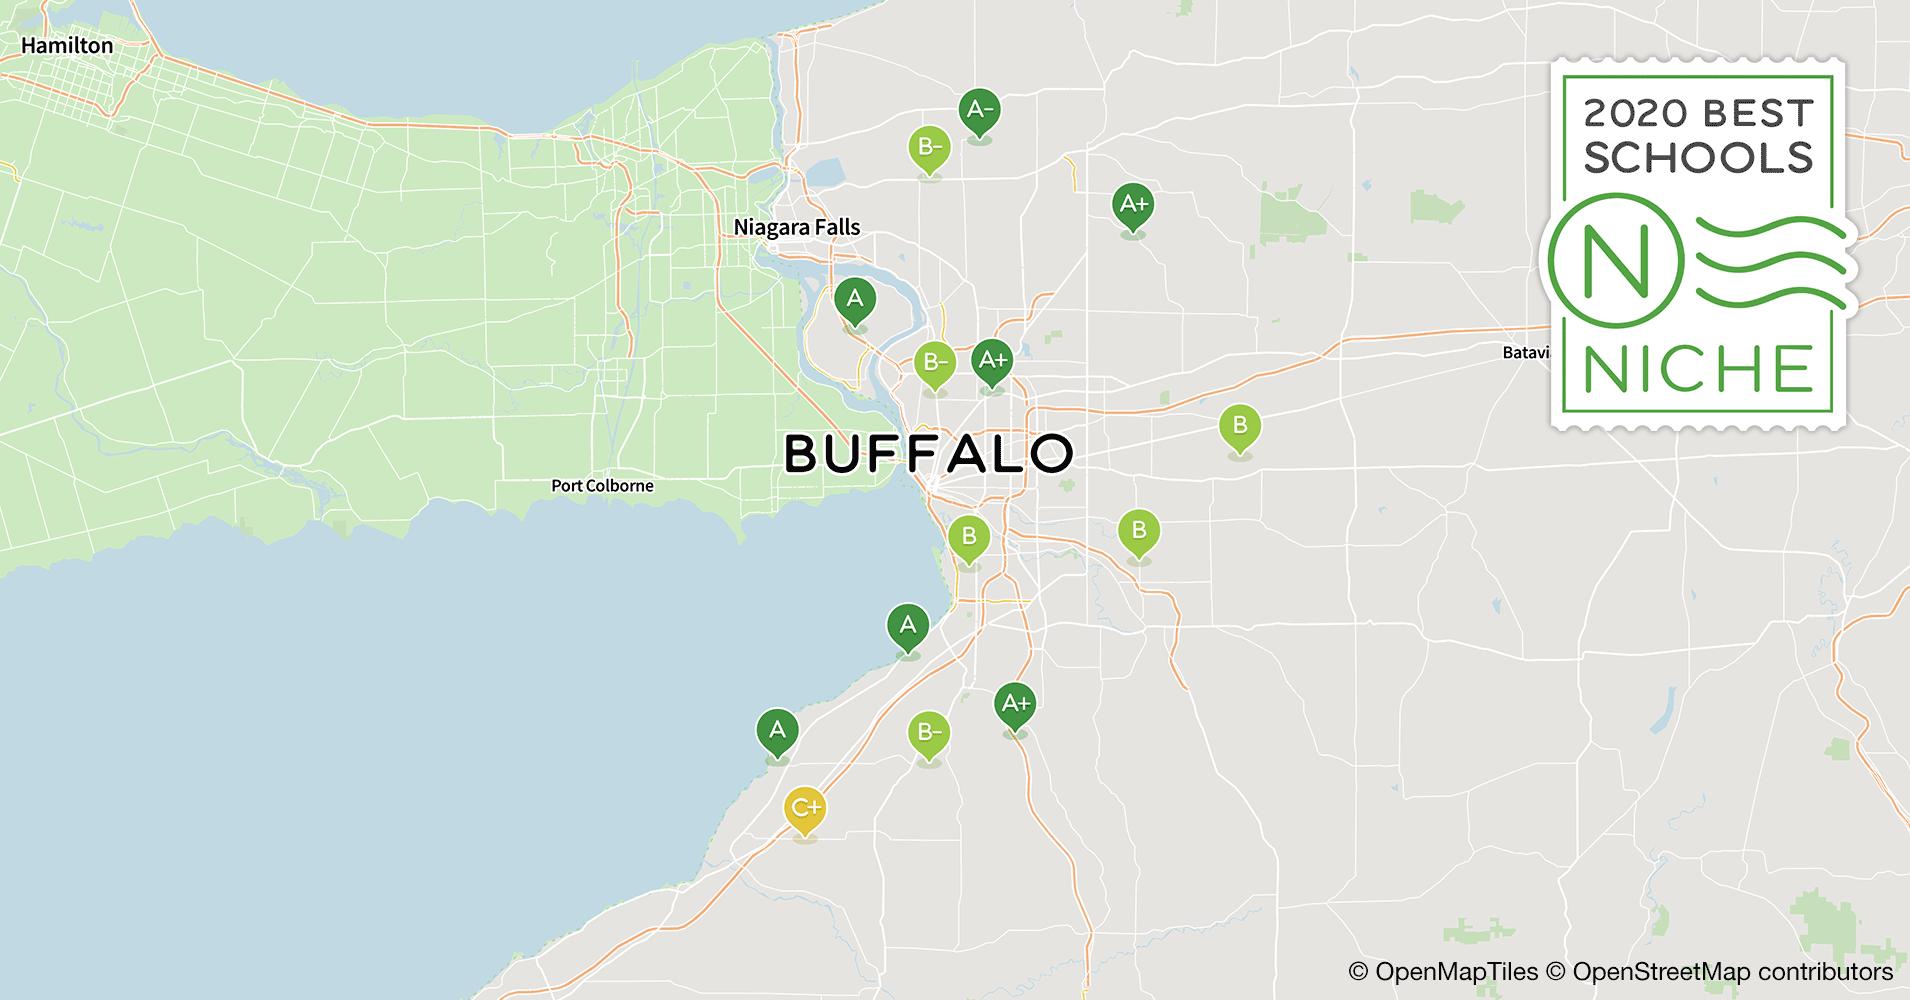 Buffalo Business First School Rankings 2020.2020 Best Public Elementary Schools In The Buffalo Area Niche